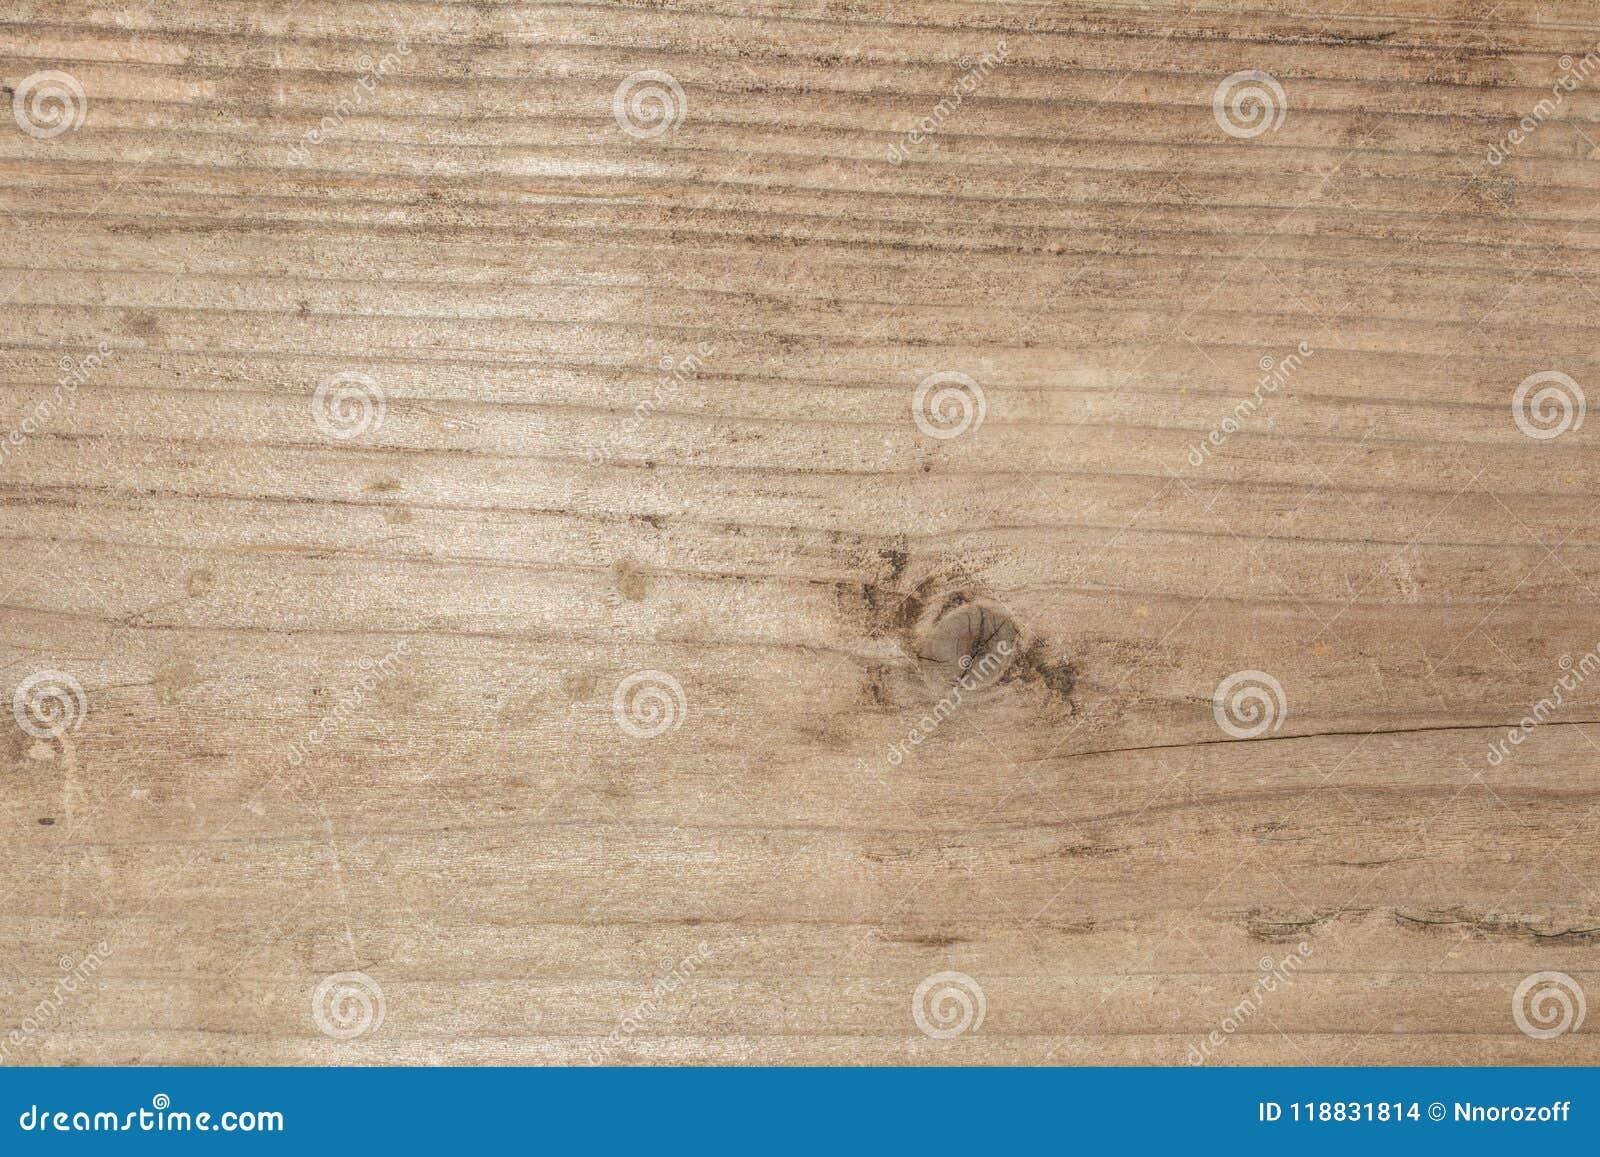 Beschaffenheit des alten Baums mit Längsrissen, Oberfläche des alten verwitterten Holzes, abstrakter Hintergrund